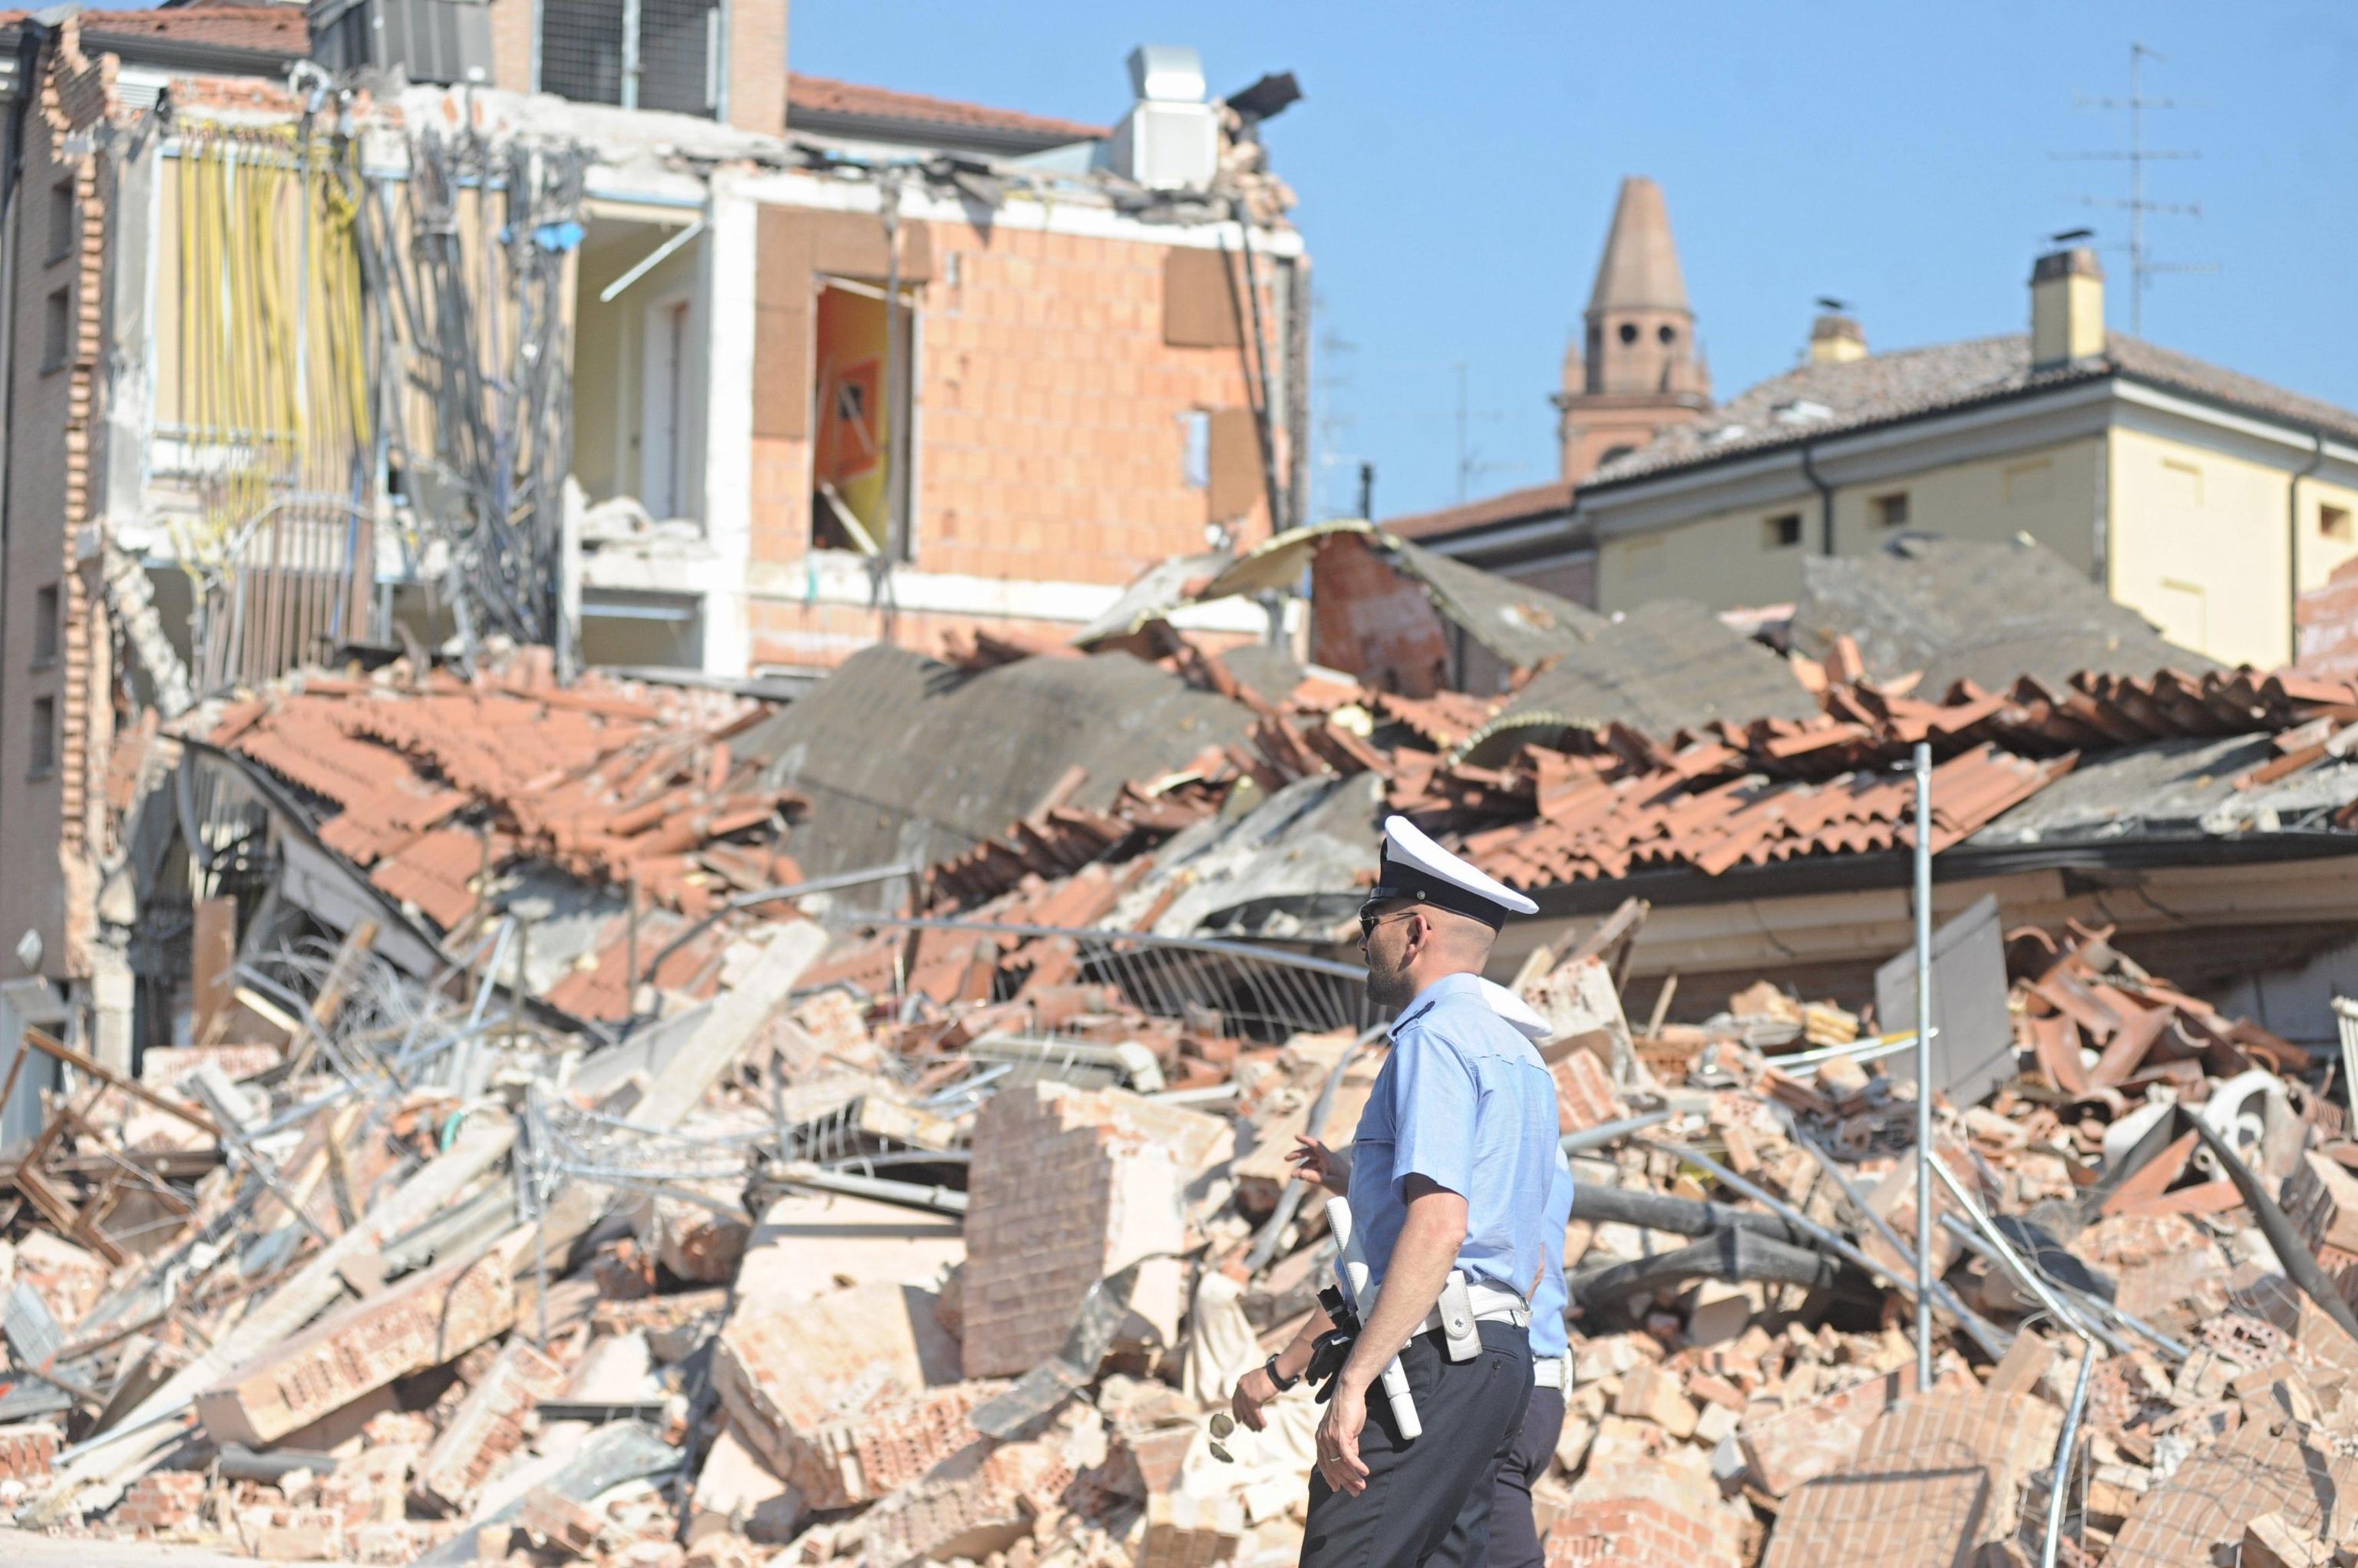 Terremoto continuo, 17 i morti. Aumenta la benzina per finanziare gli aiuti. Tasse sospese